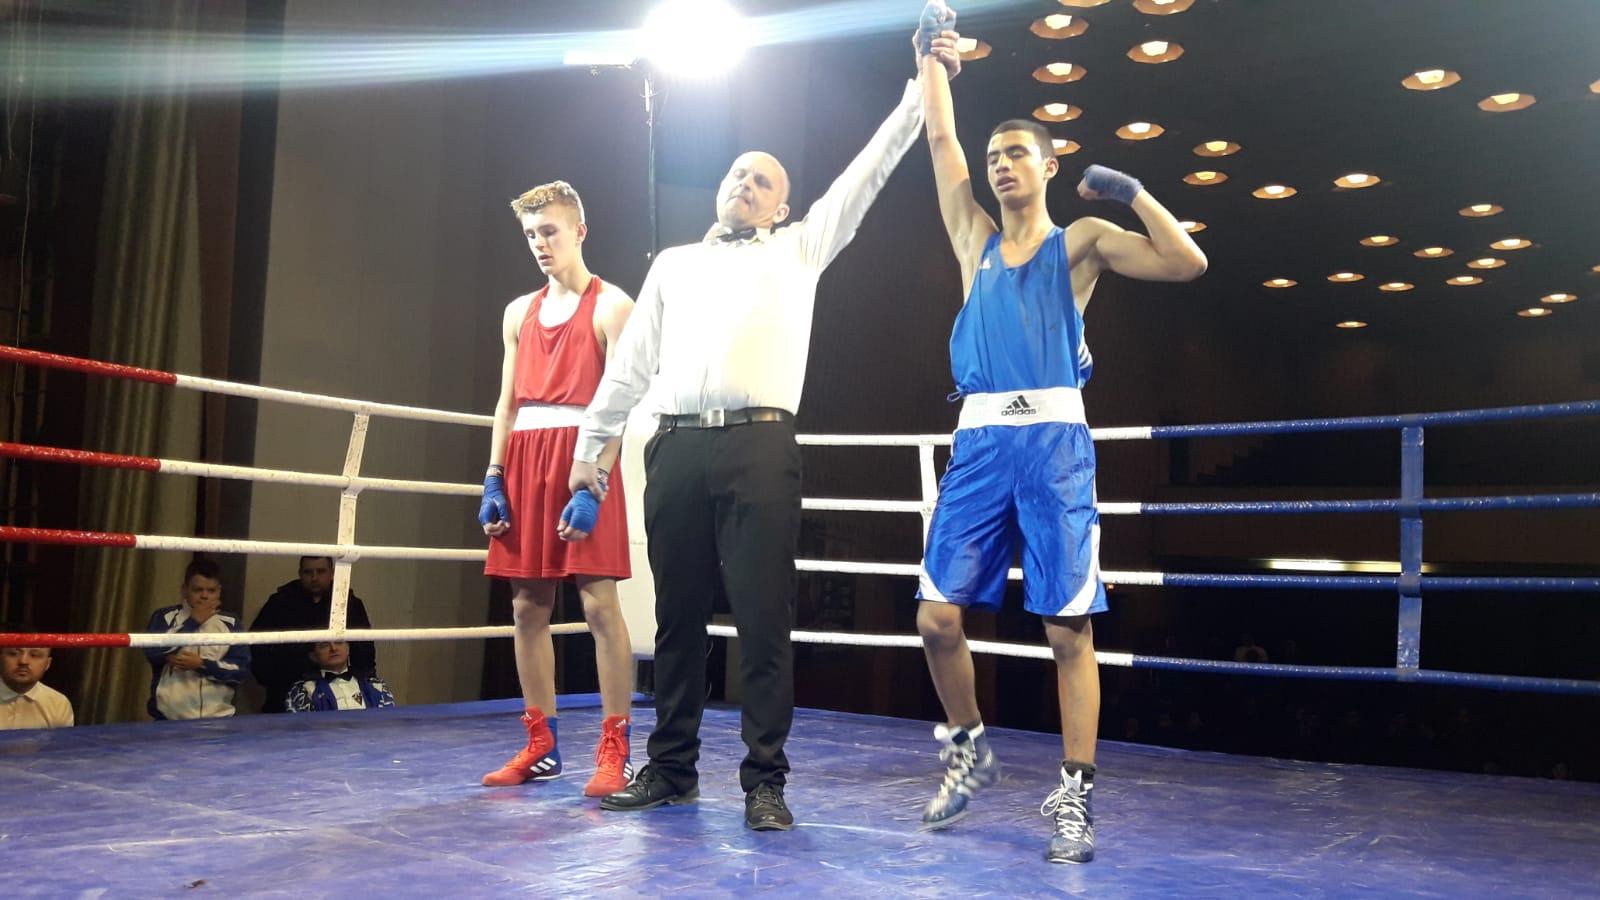 الملاكم اللداوي صافي شعبان يحصد المرتبة الاولى في بطولة دولية